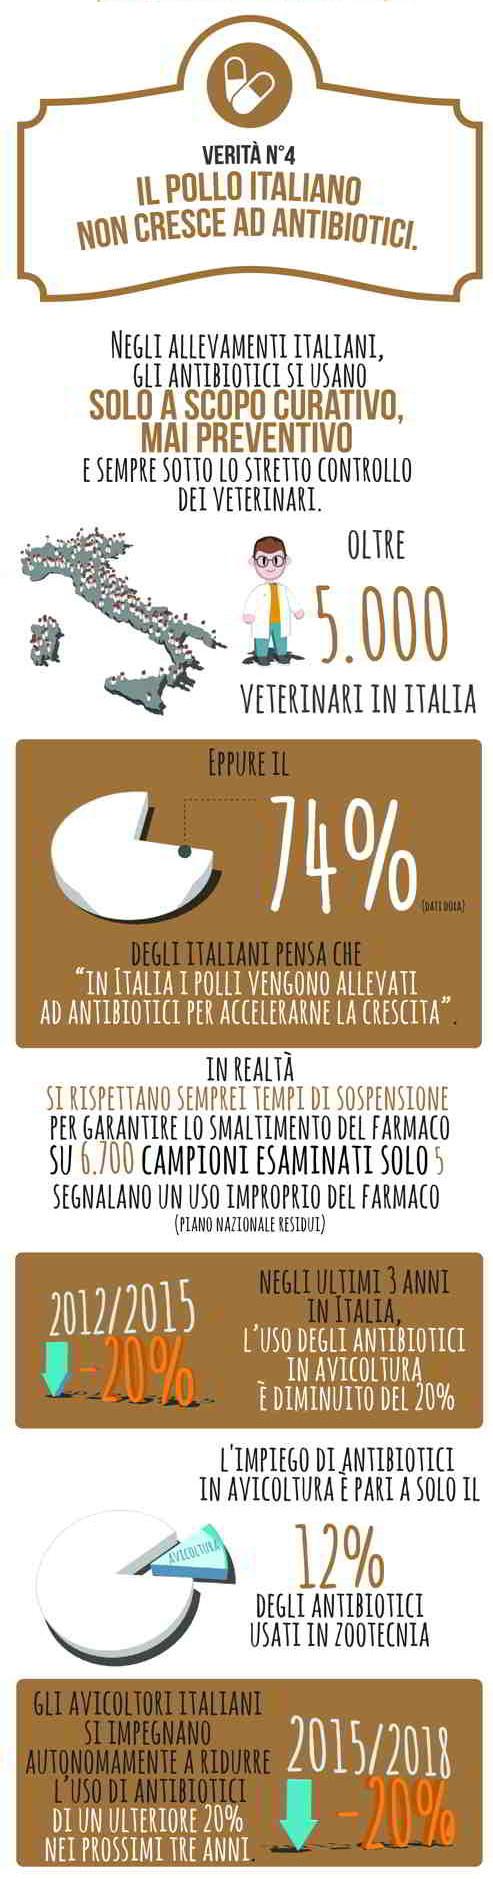 Verita___n.4_Il-pollo-italiano-non-cresce-ad-antibiotici